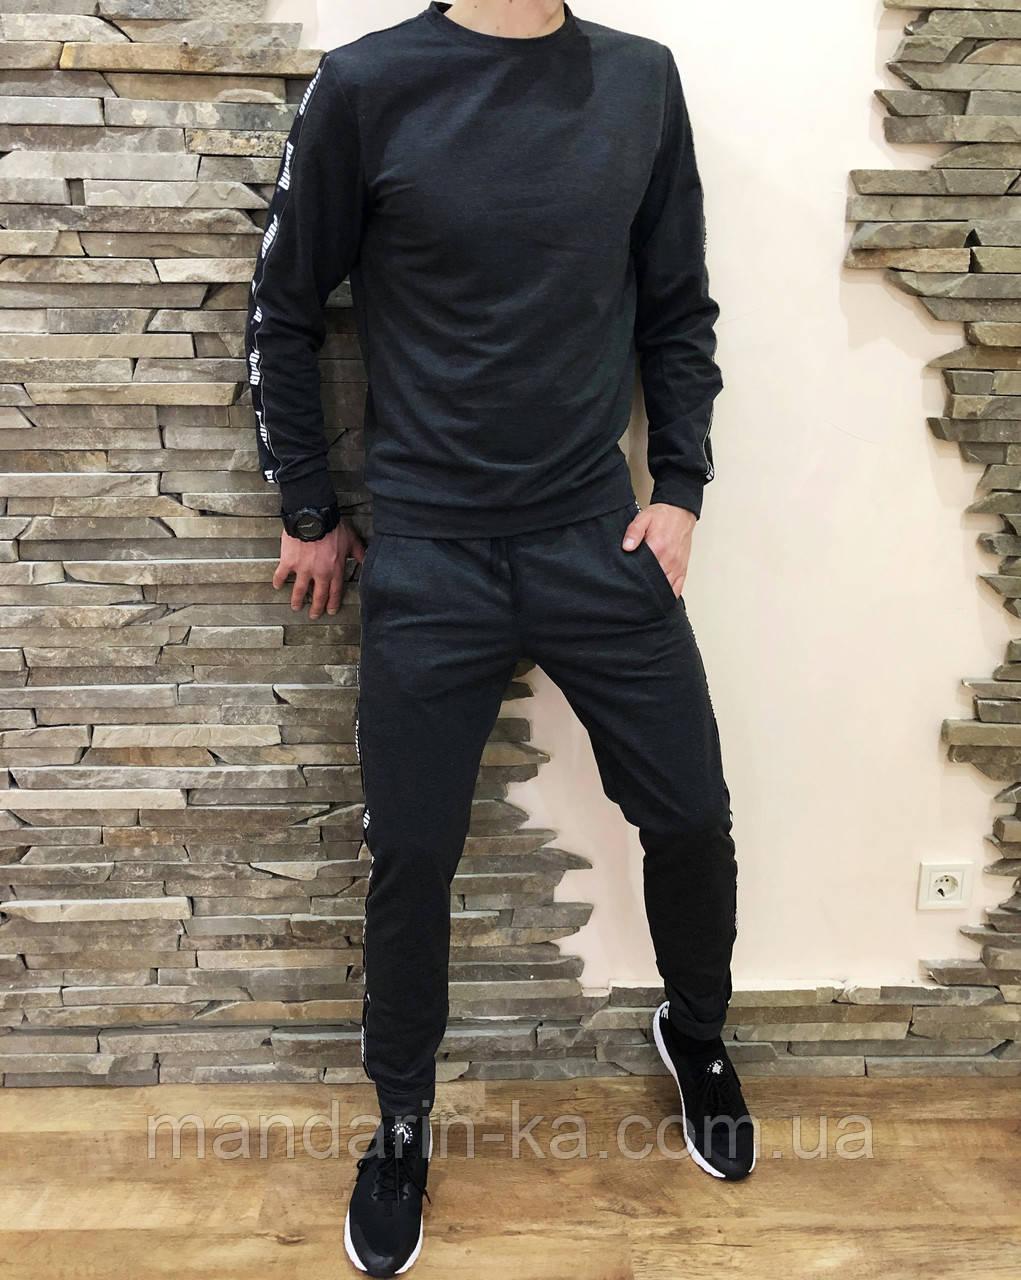 Костюм мужской спортивный серый кофта штаны (реплика)